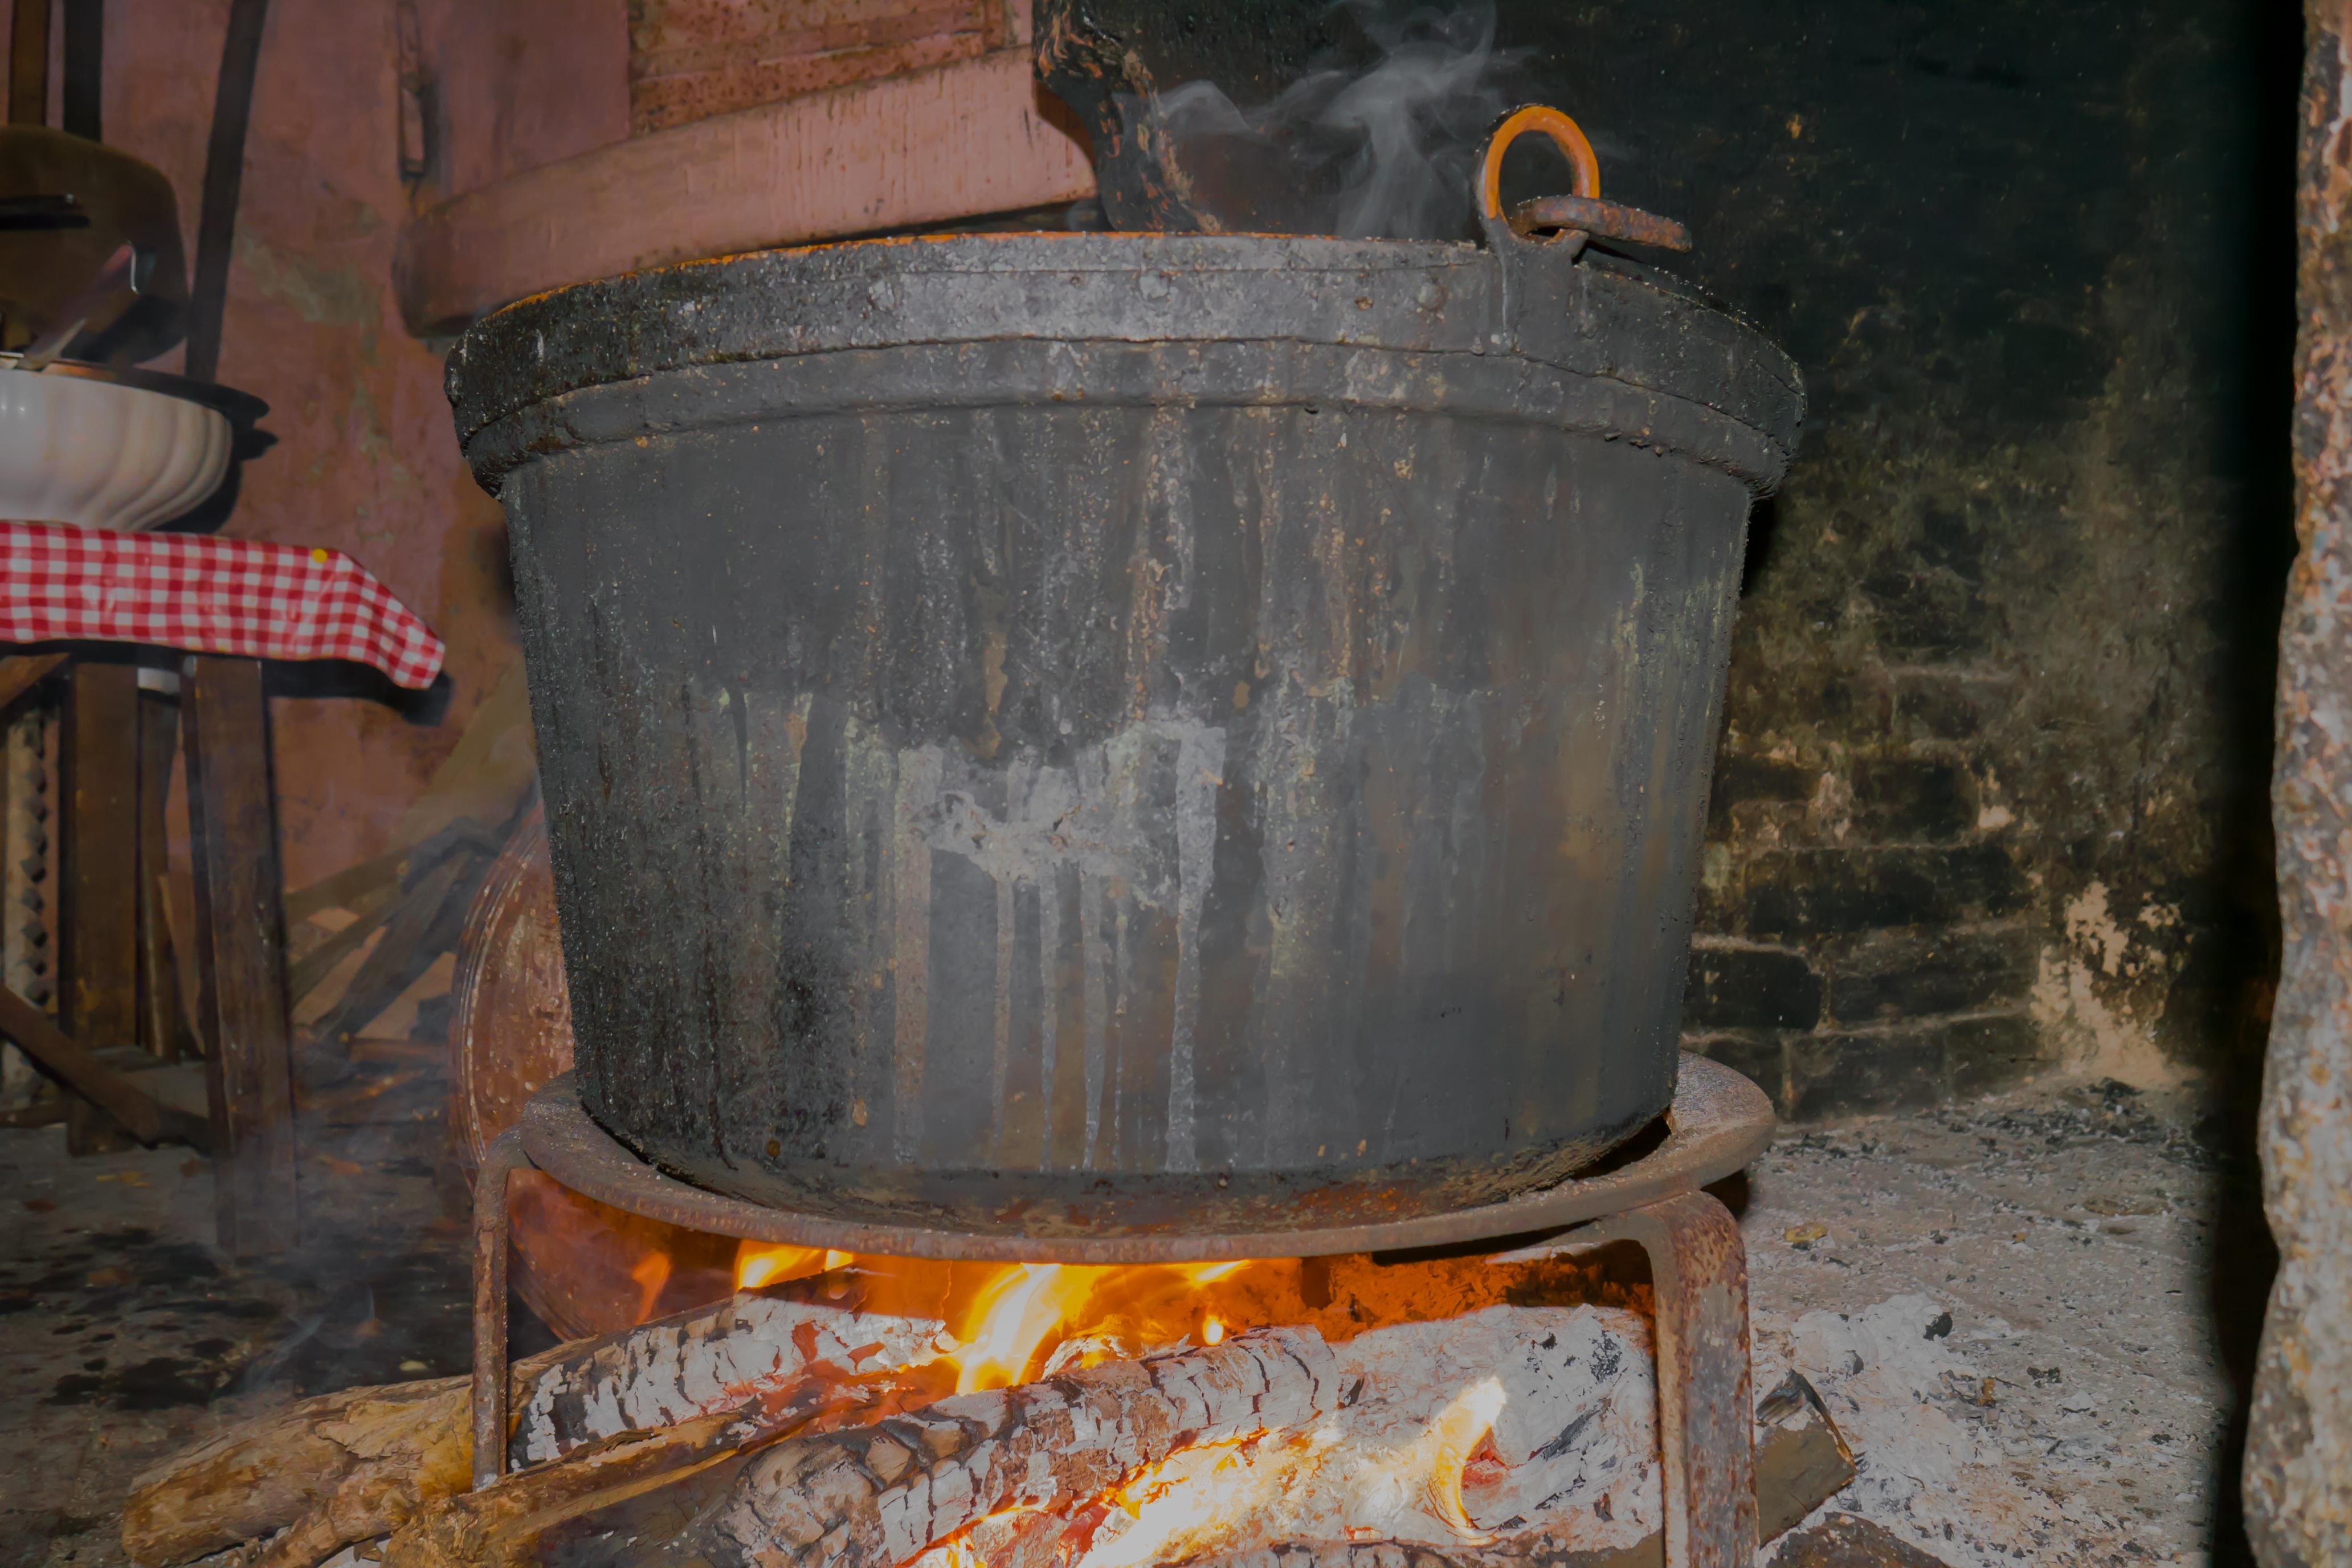 Kamin Essen kostenlose foto pot braten lebensmittel flamme feuer kamin